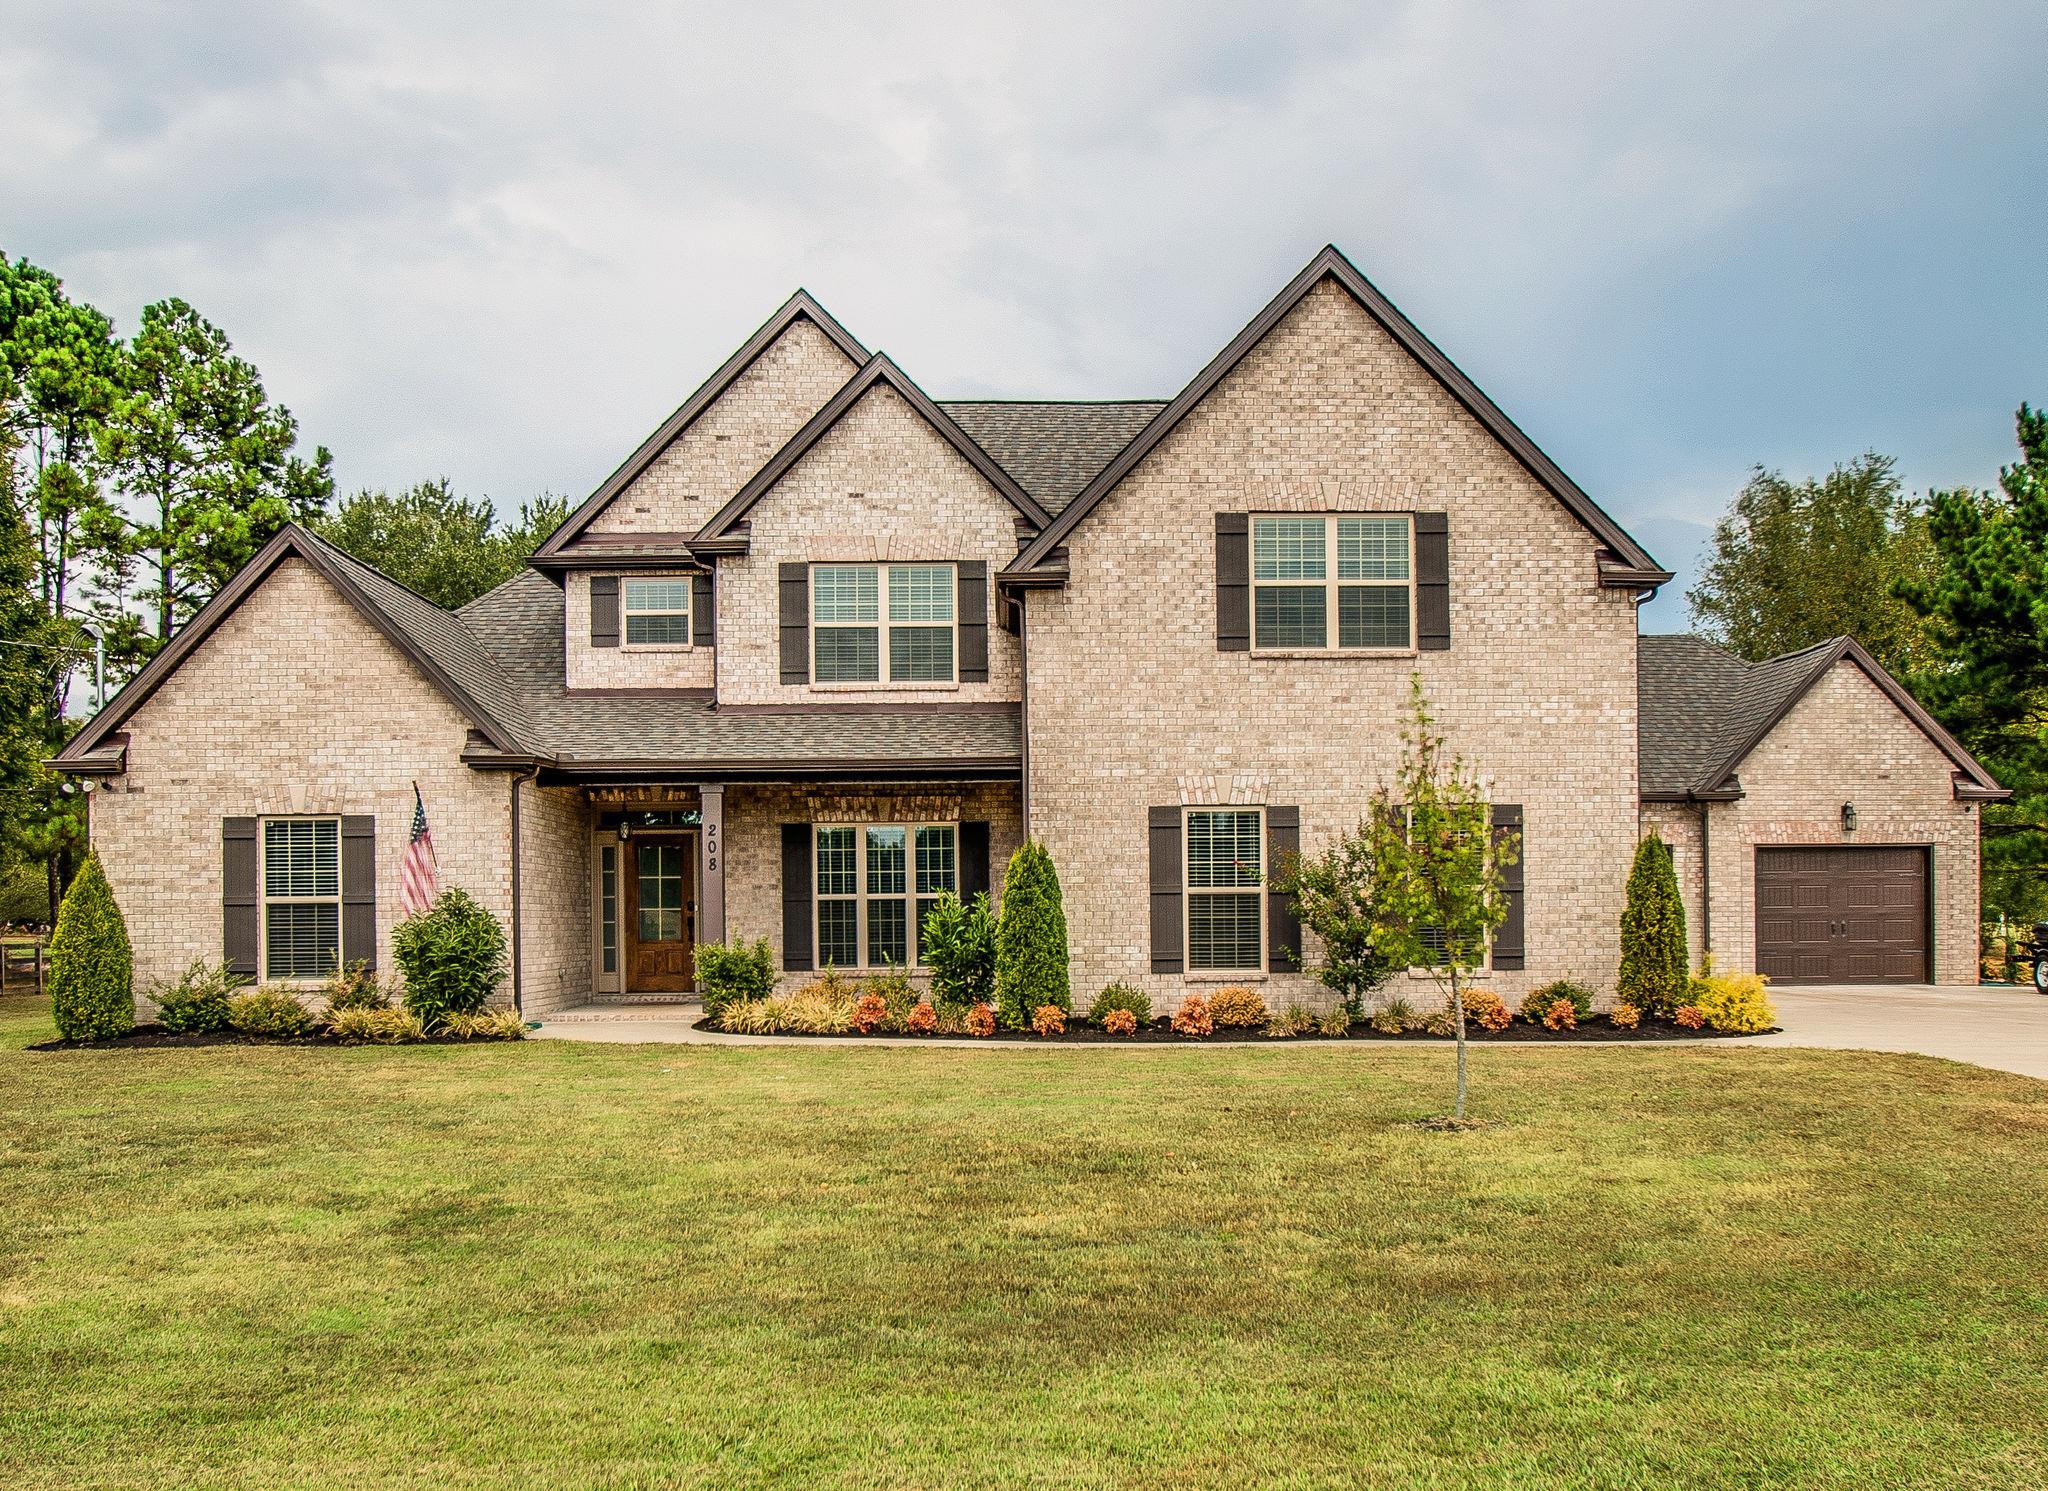 208 Morningside Dr, LA VERGNE, TN 37086 - LA VERGNE, TN real estate listing